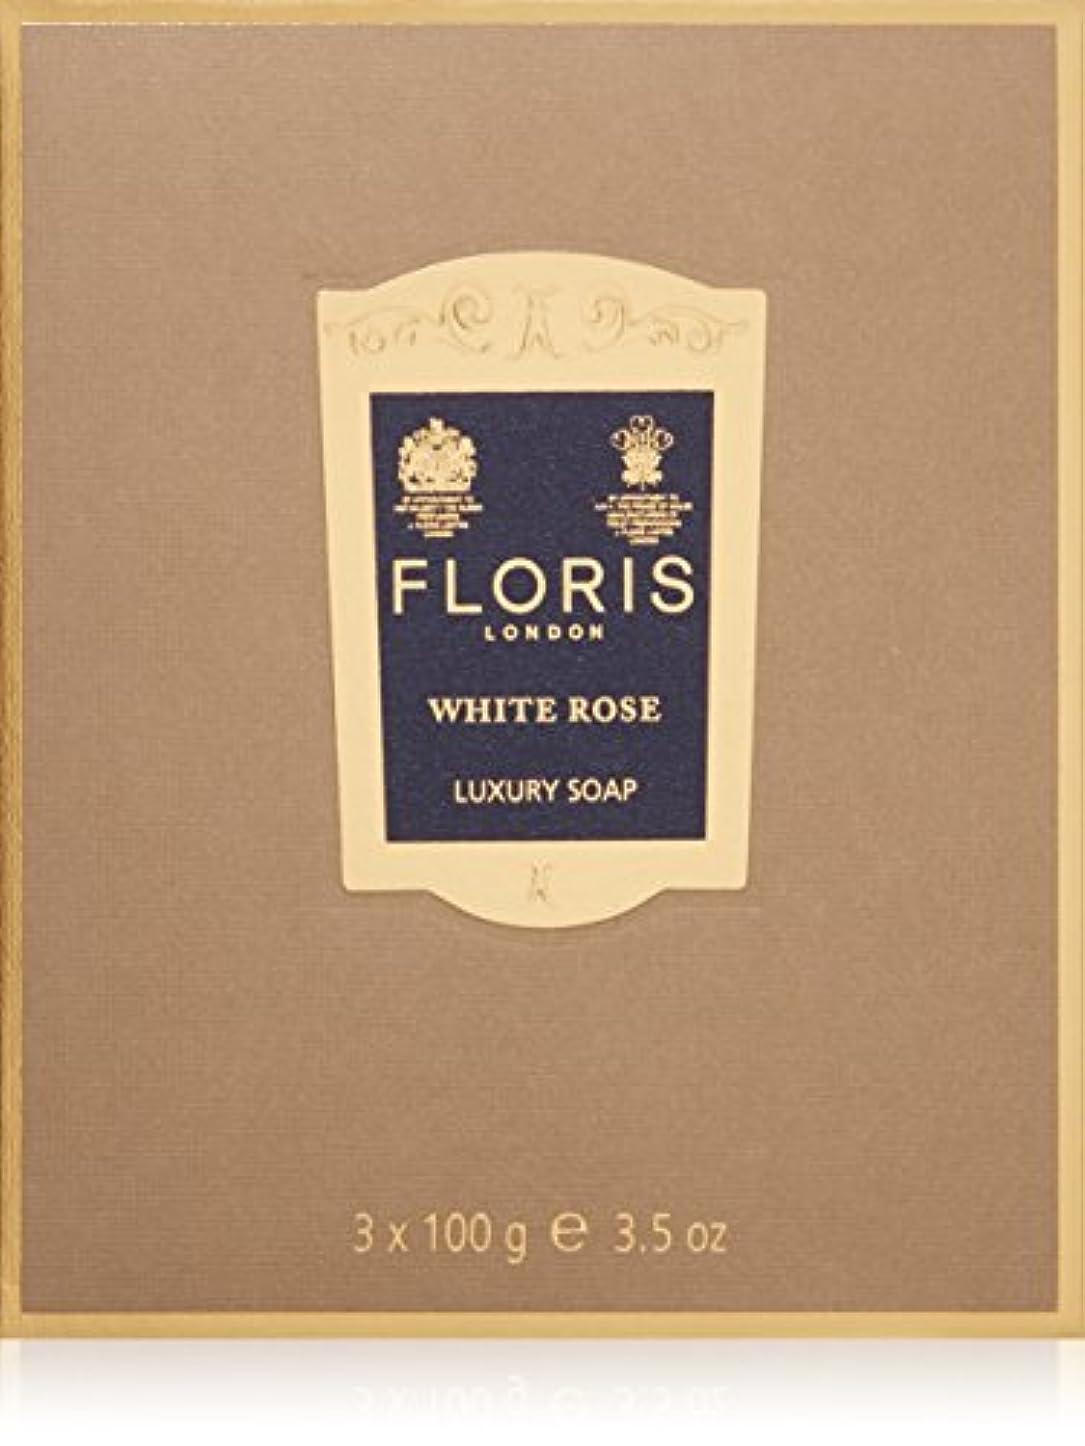 チチカカ湖ダイジェストアトミックフローリス ラグジュアリーソープWR(ホワイトローズ)3x100g/3.5oz